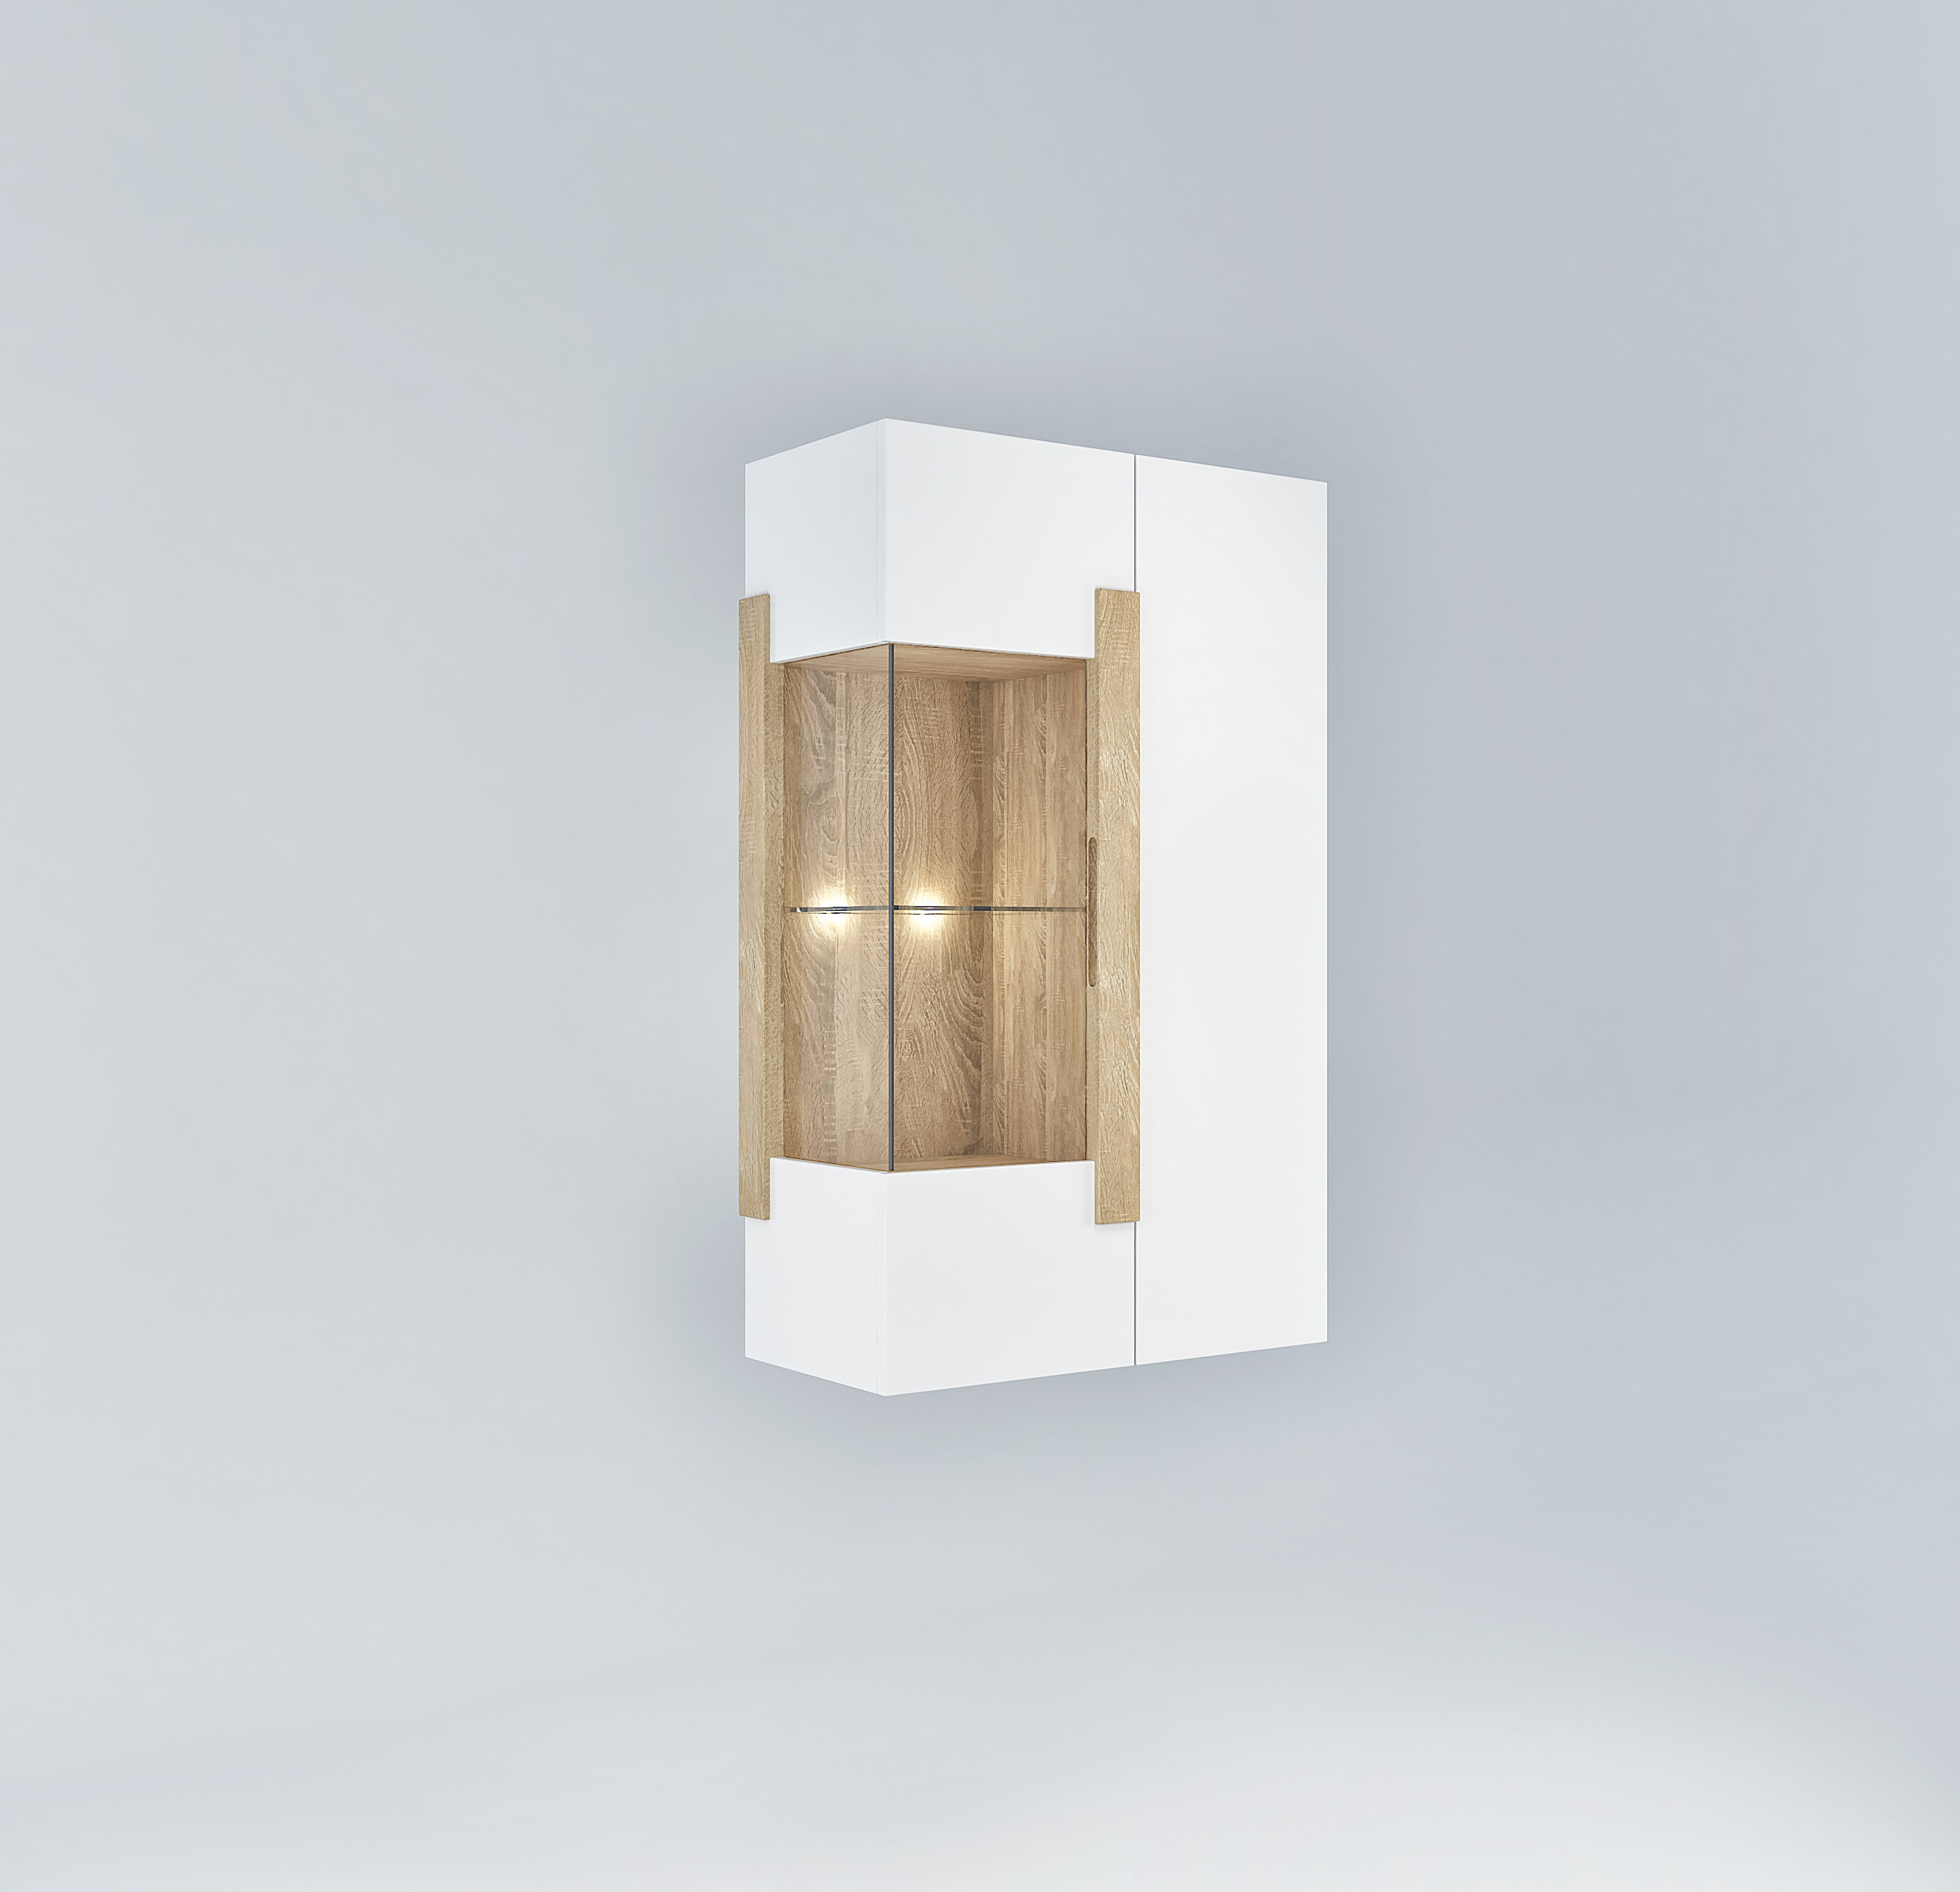 витрины для гостиной купить витрину для гостиной недорого в москве